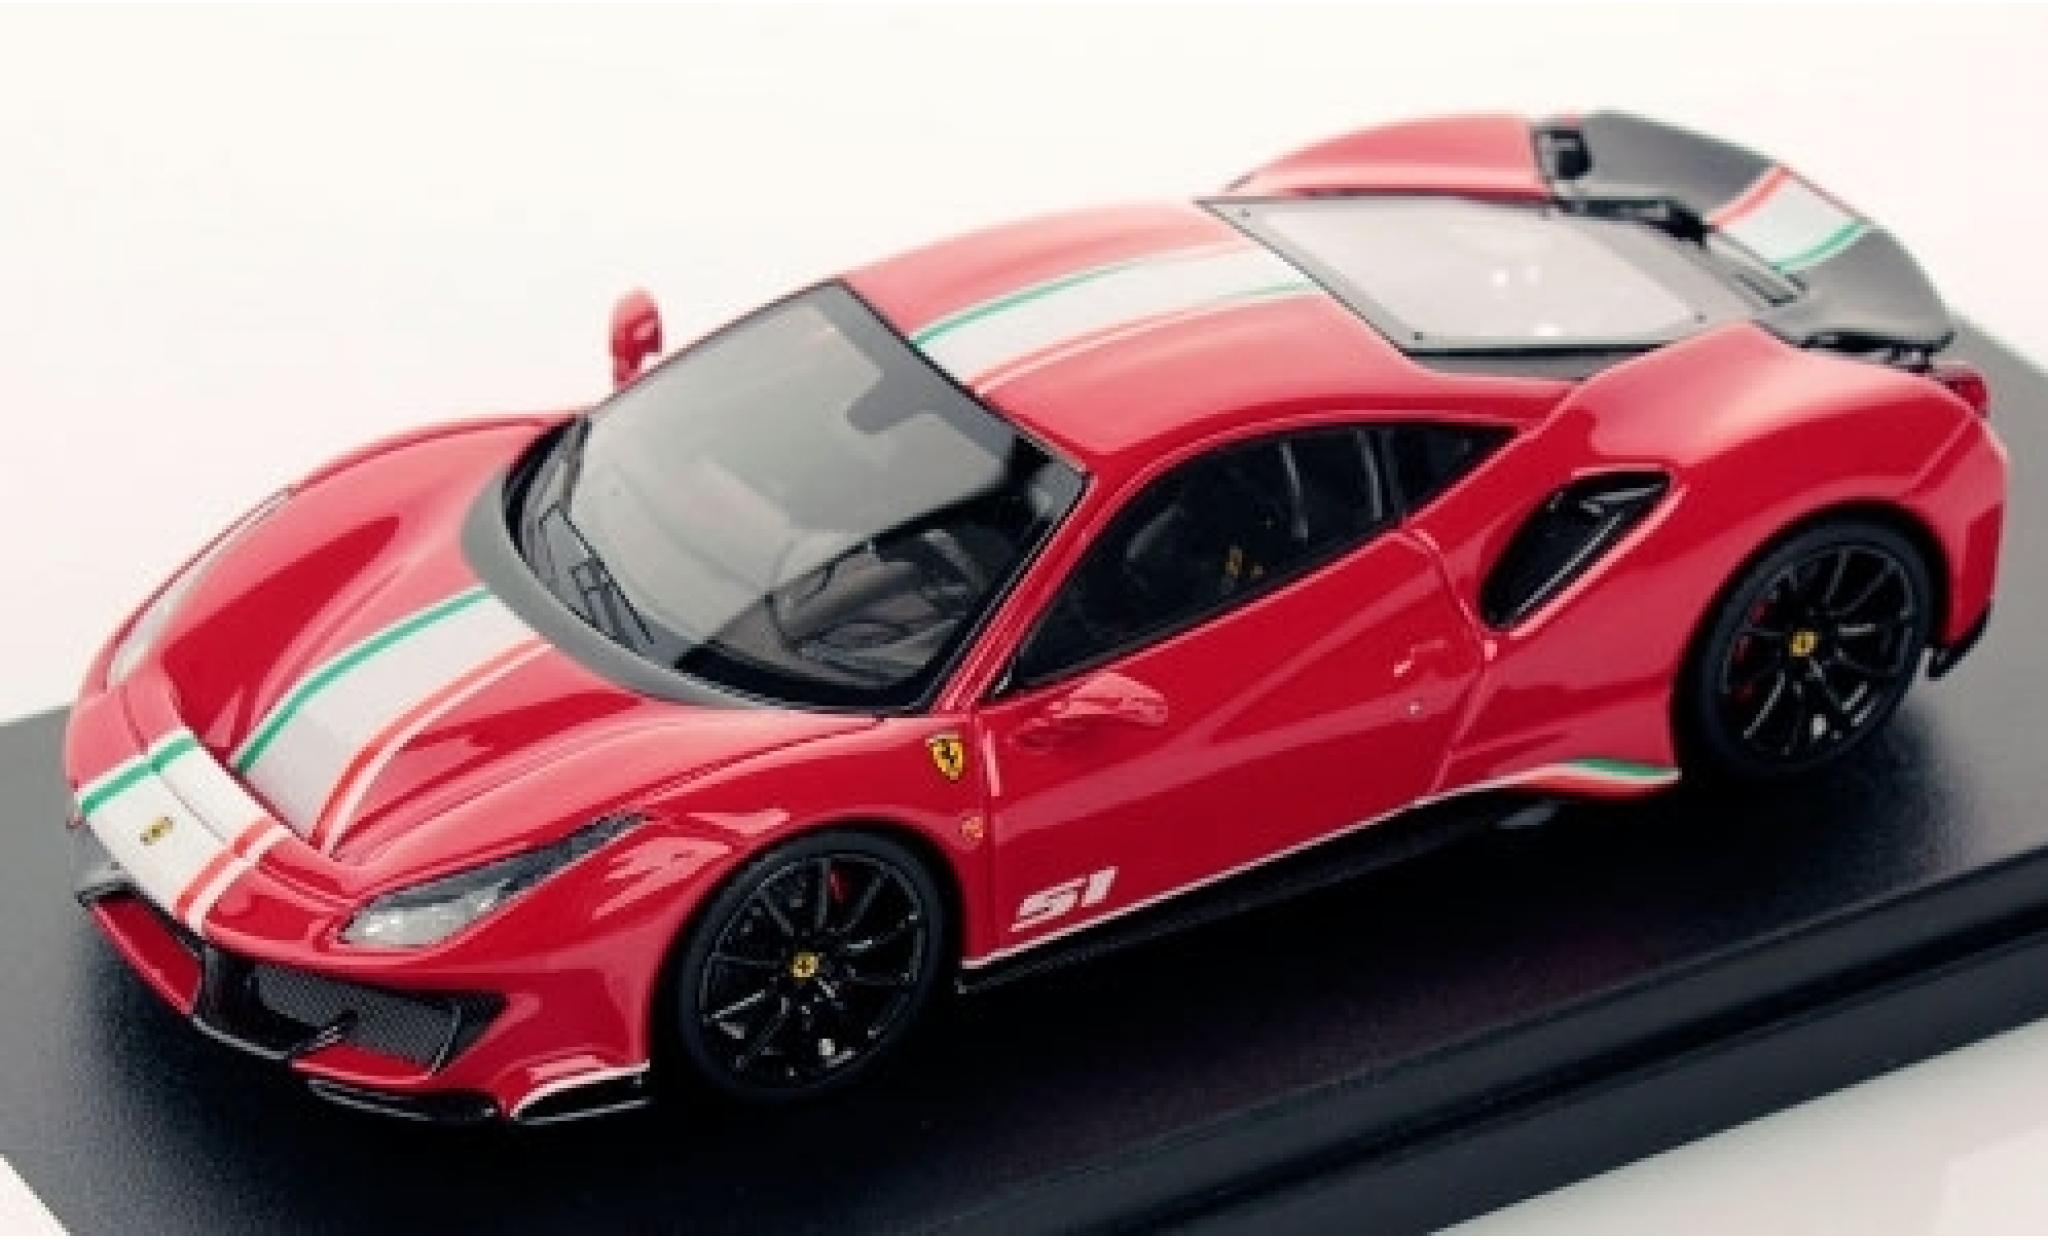 Ferrari 488 1/43 Look Smart Pista Piloti rot/Dekor